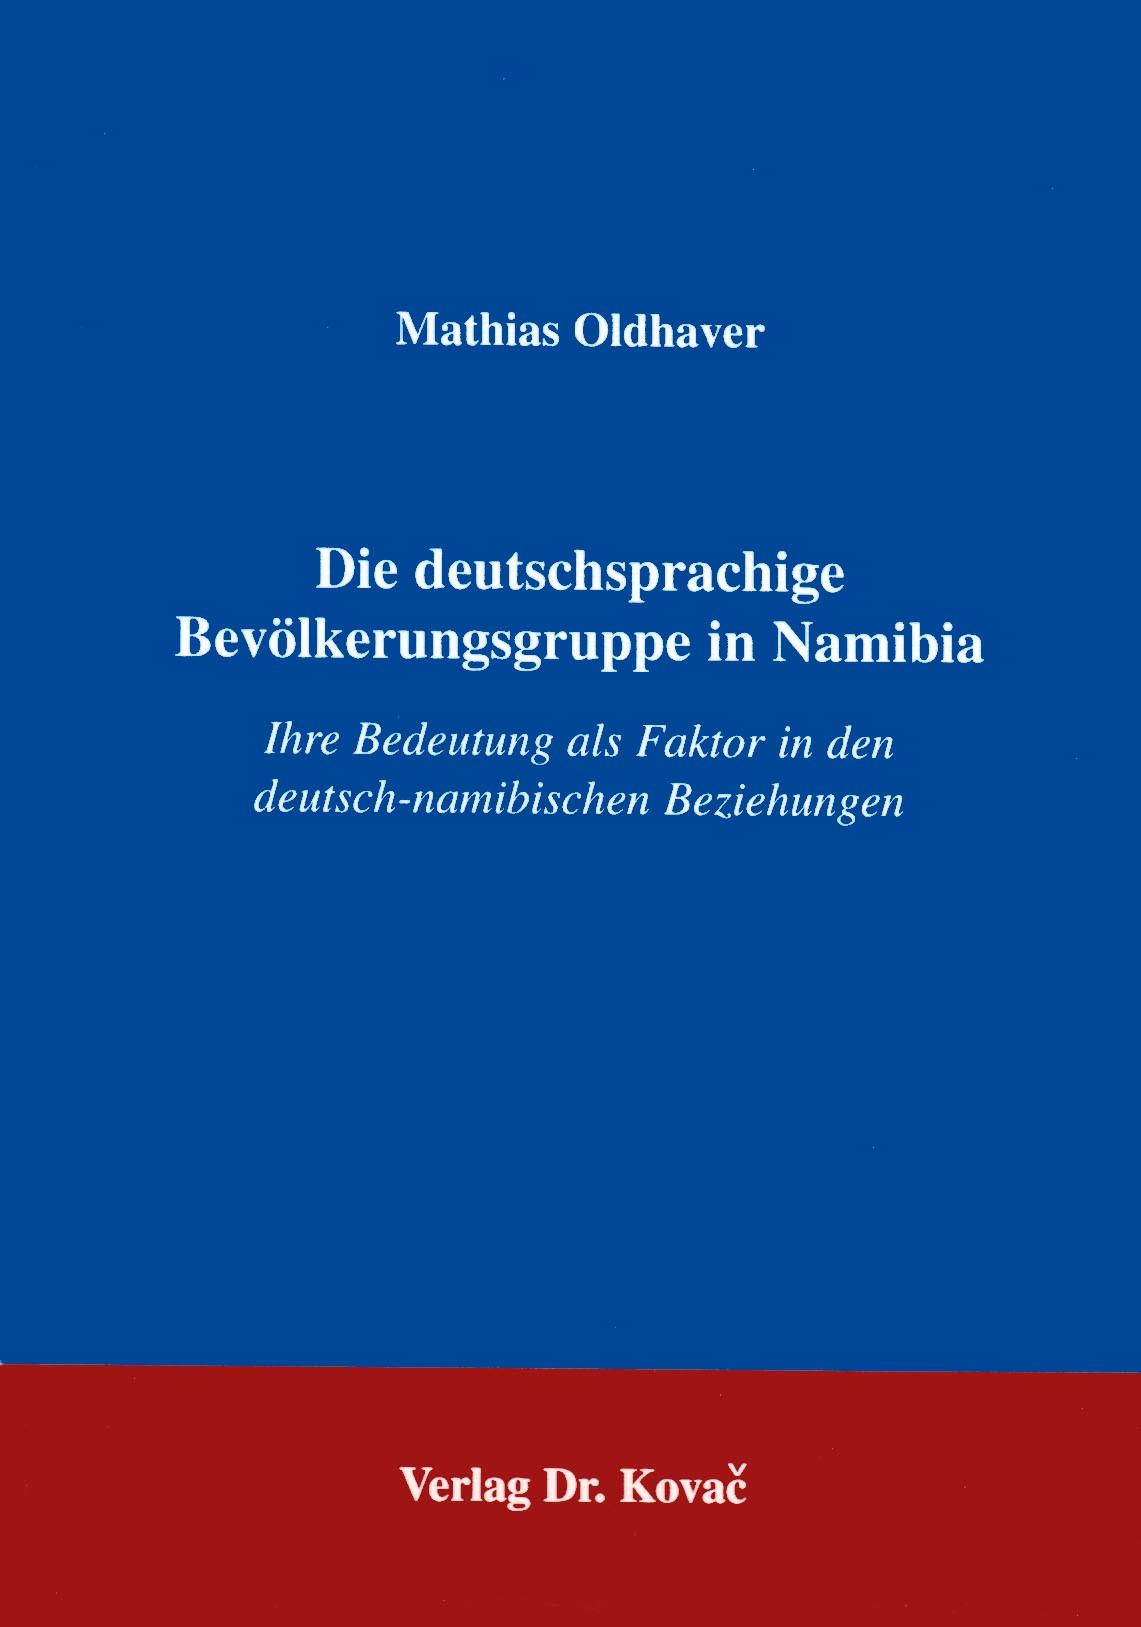 Die deutschsprachige Bevölkerungsgruppe in Namibia   Oldhaver, 1997   Buch (Cover)